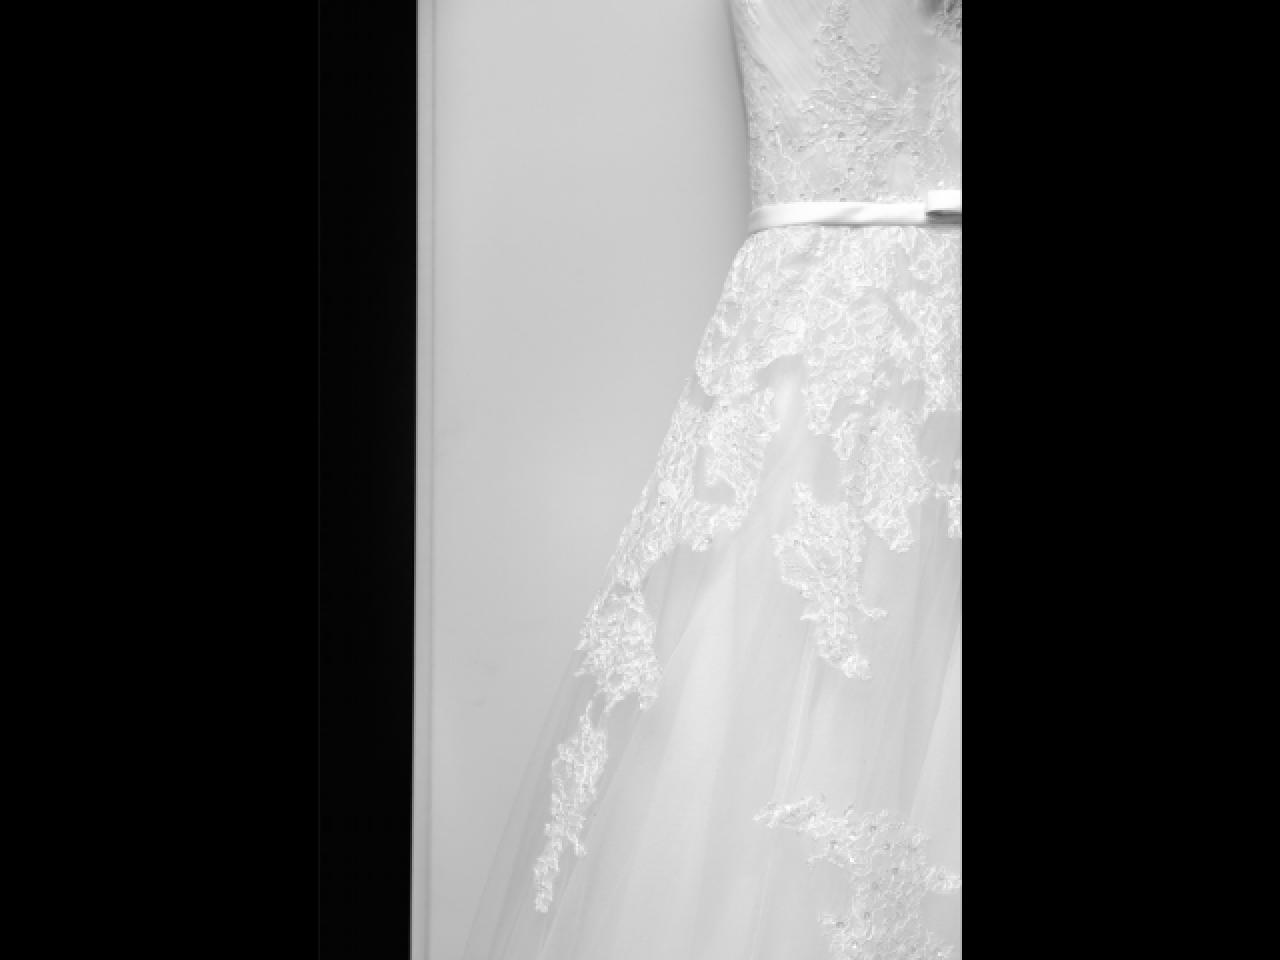 Свадебная фотография: красиво. Качественно. Недорого - 1